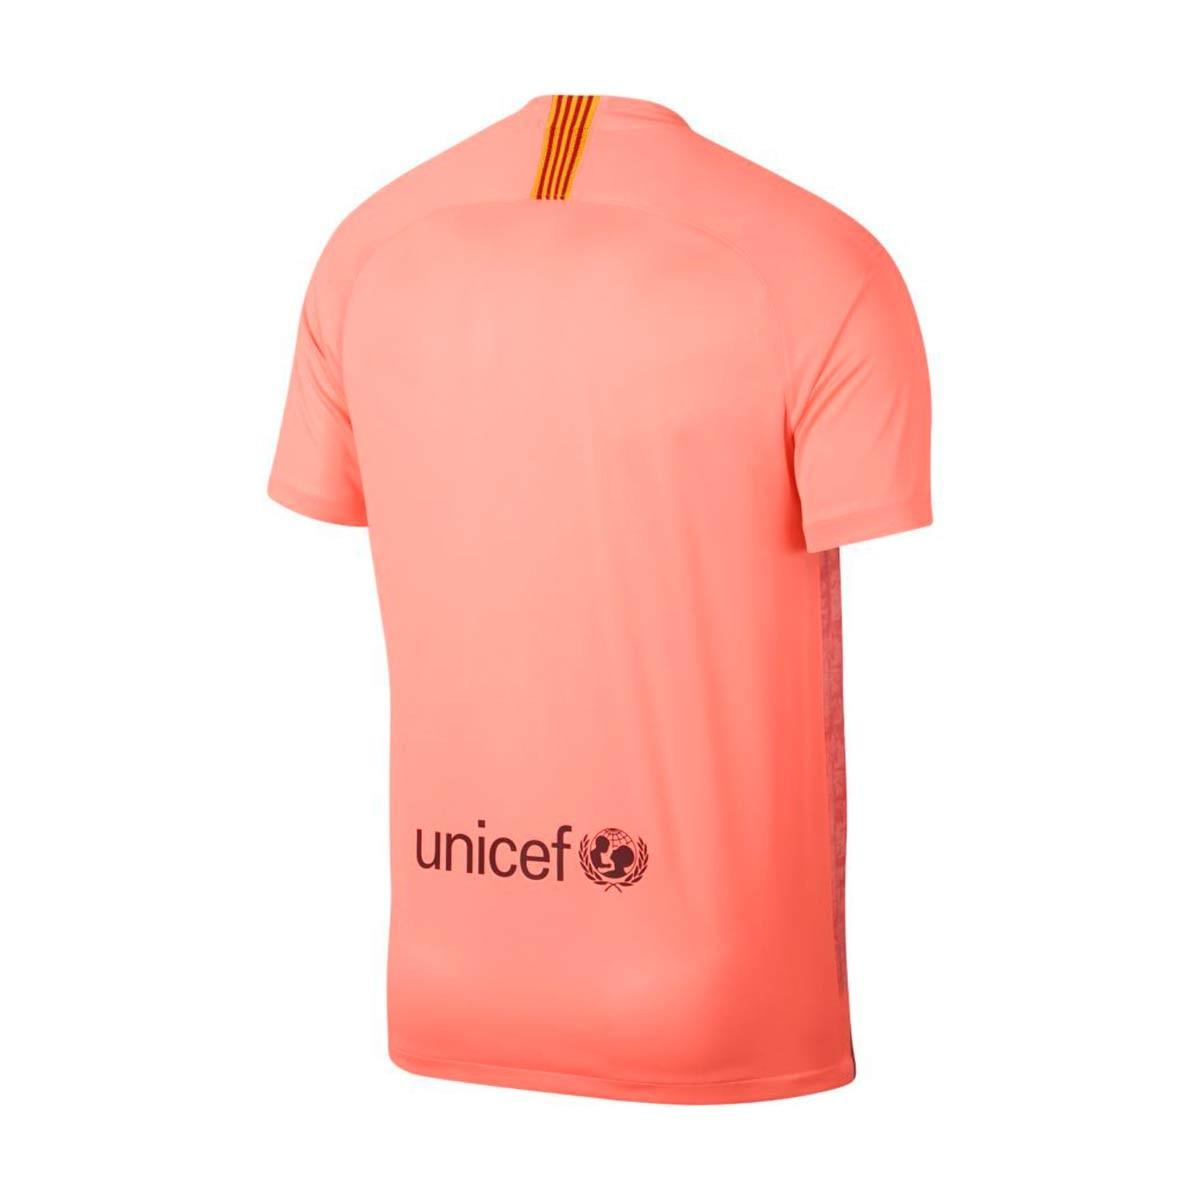 Nova 3°camisa do internacional de porto alegre(New 3rd shirt